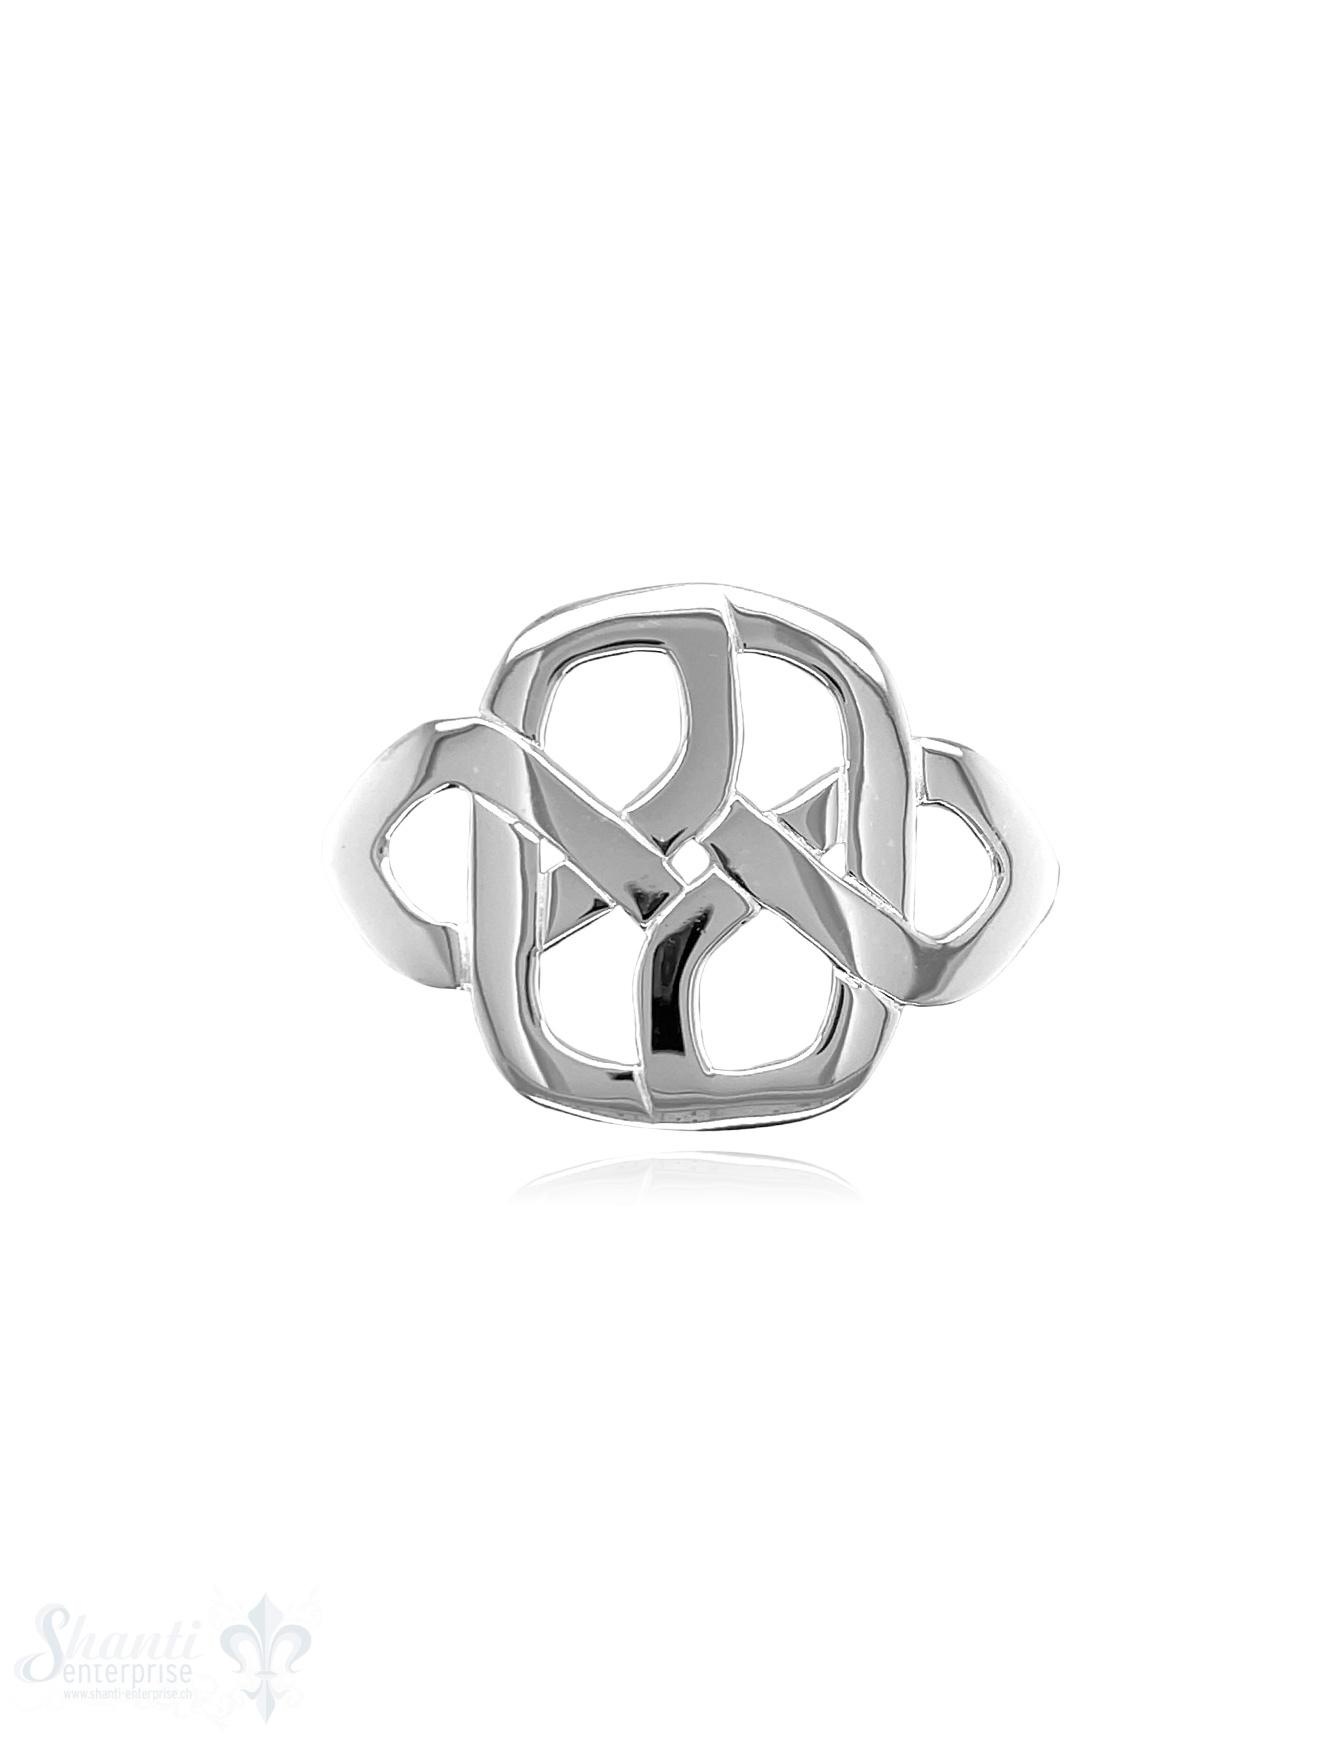 Keltischer Knoten 37x27 mm Silber poliert abstrakt